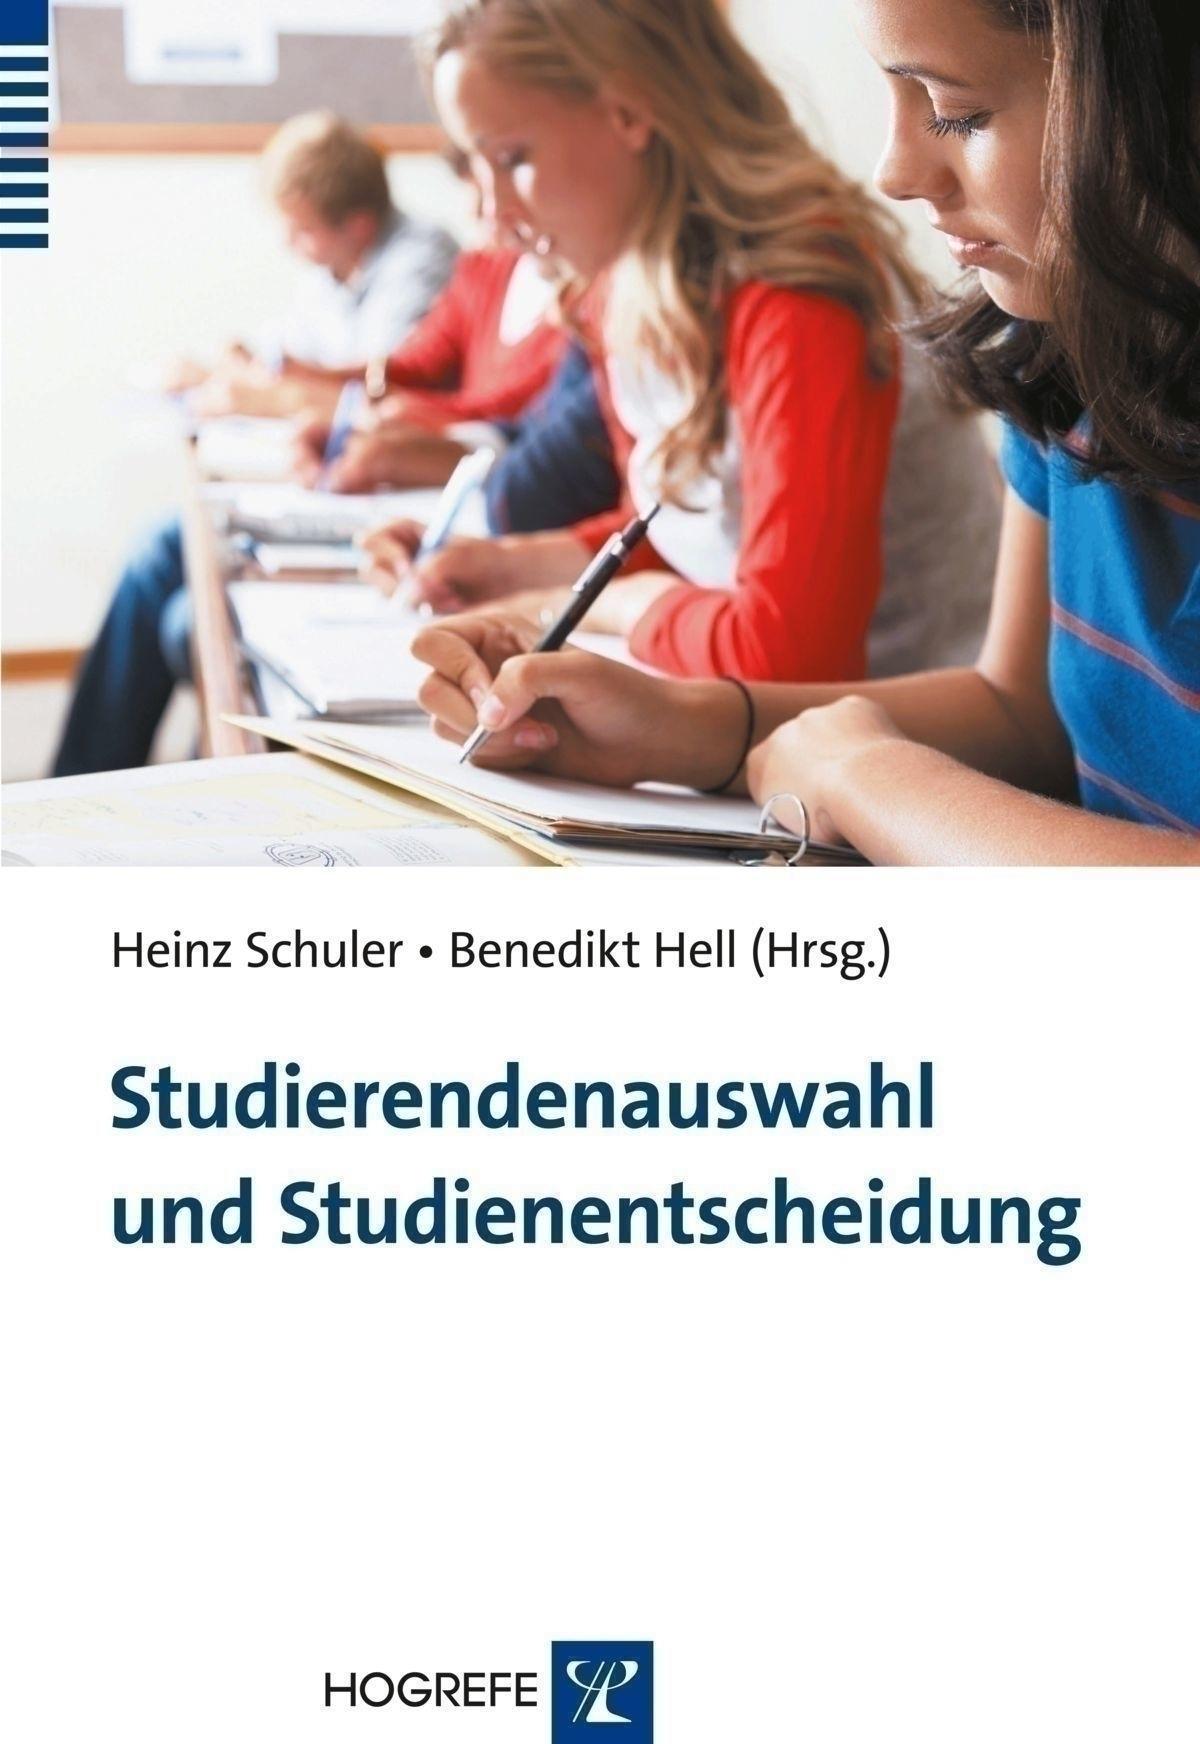 Studierendenauswahl und Studienentscheidung